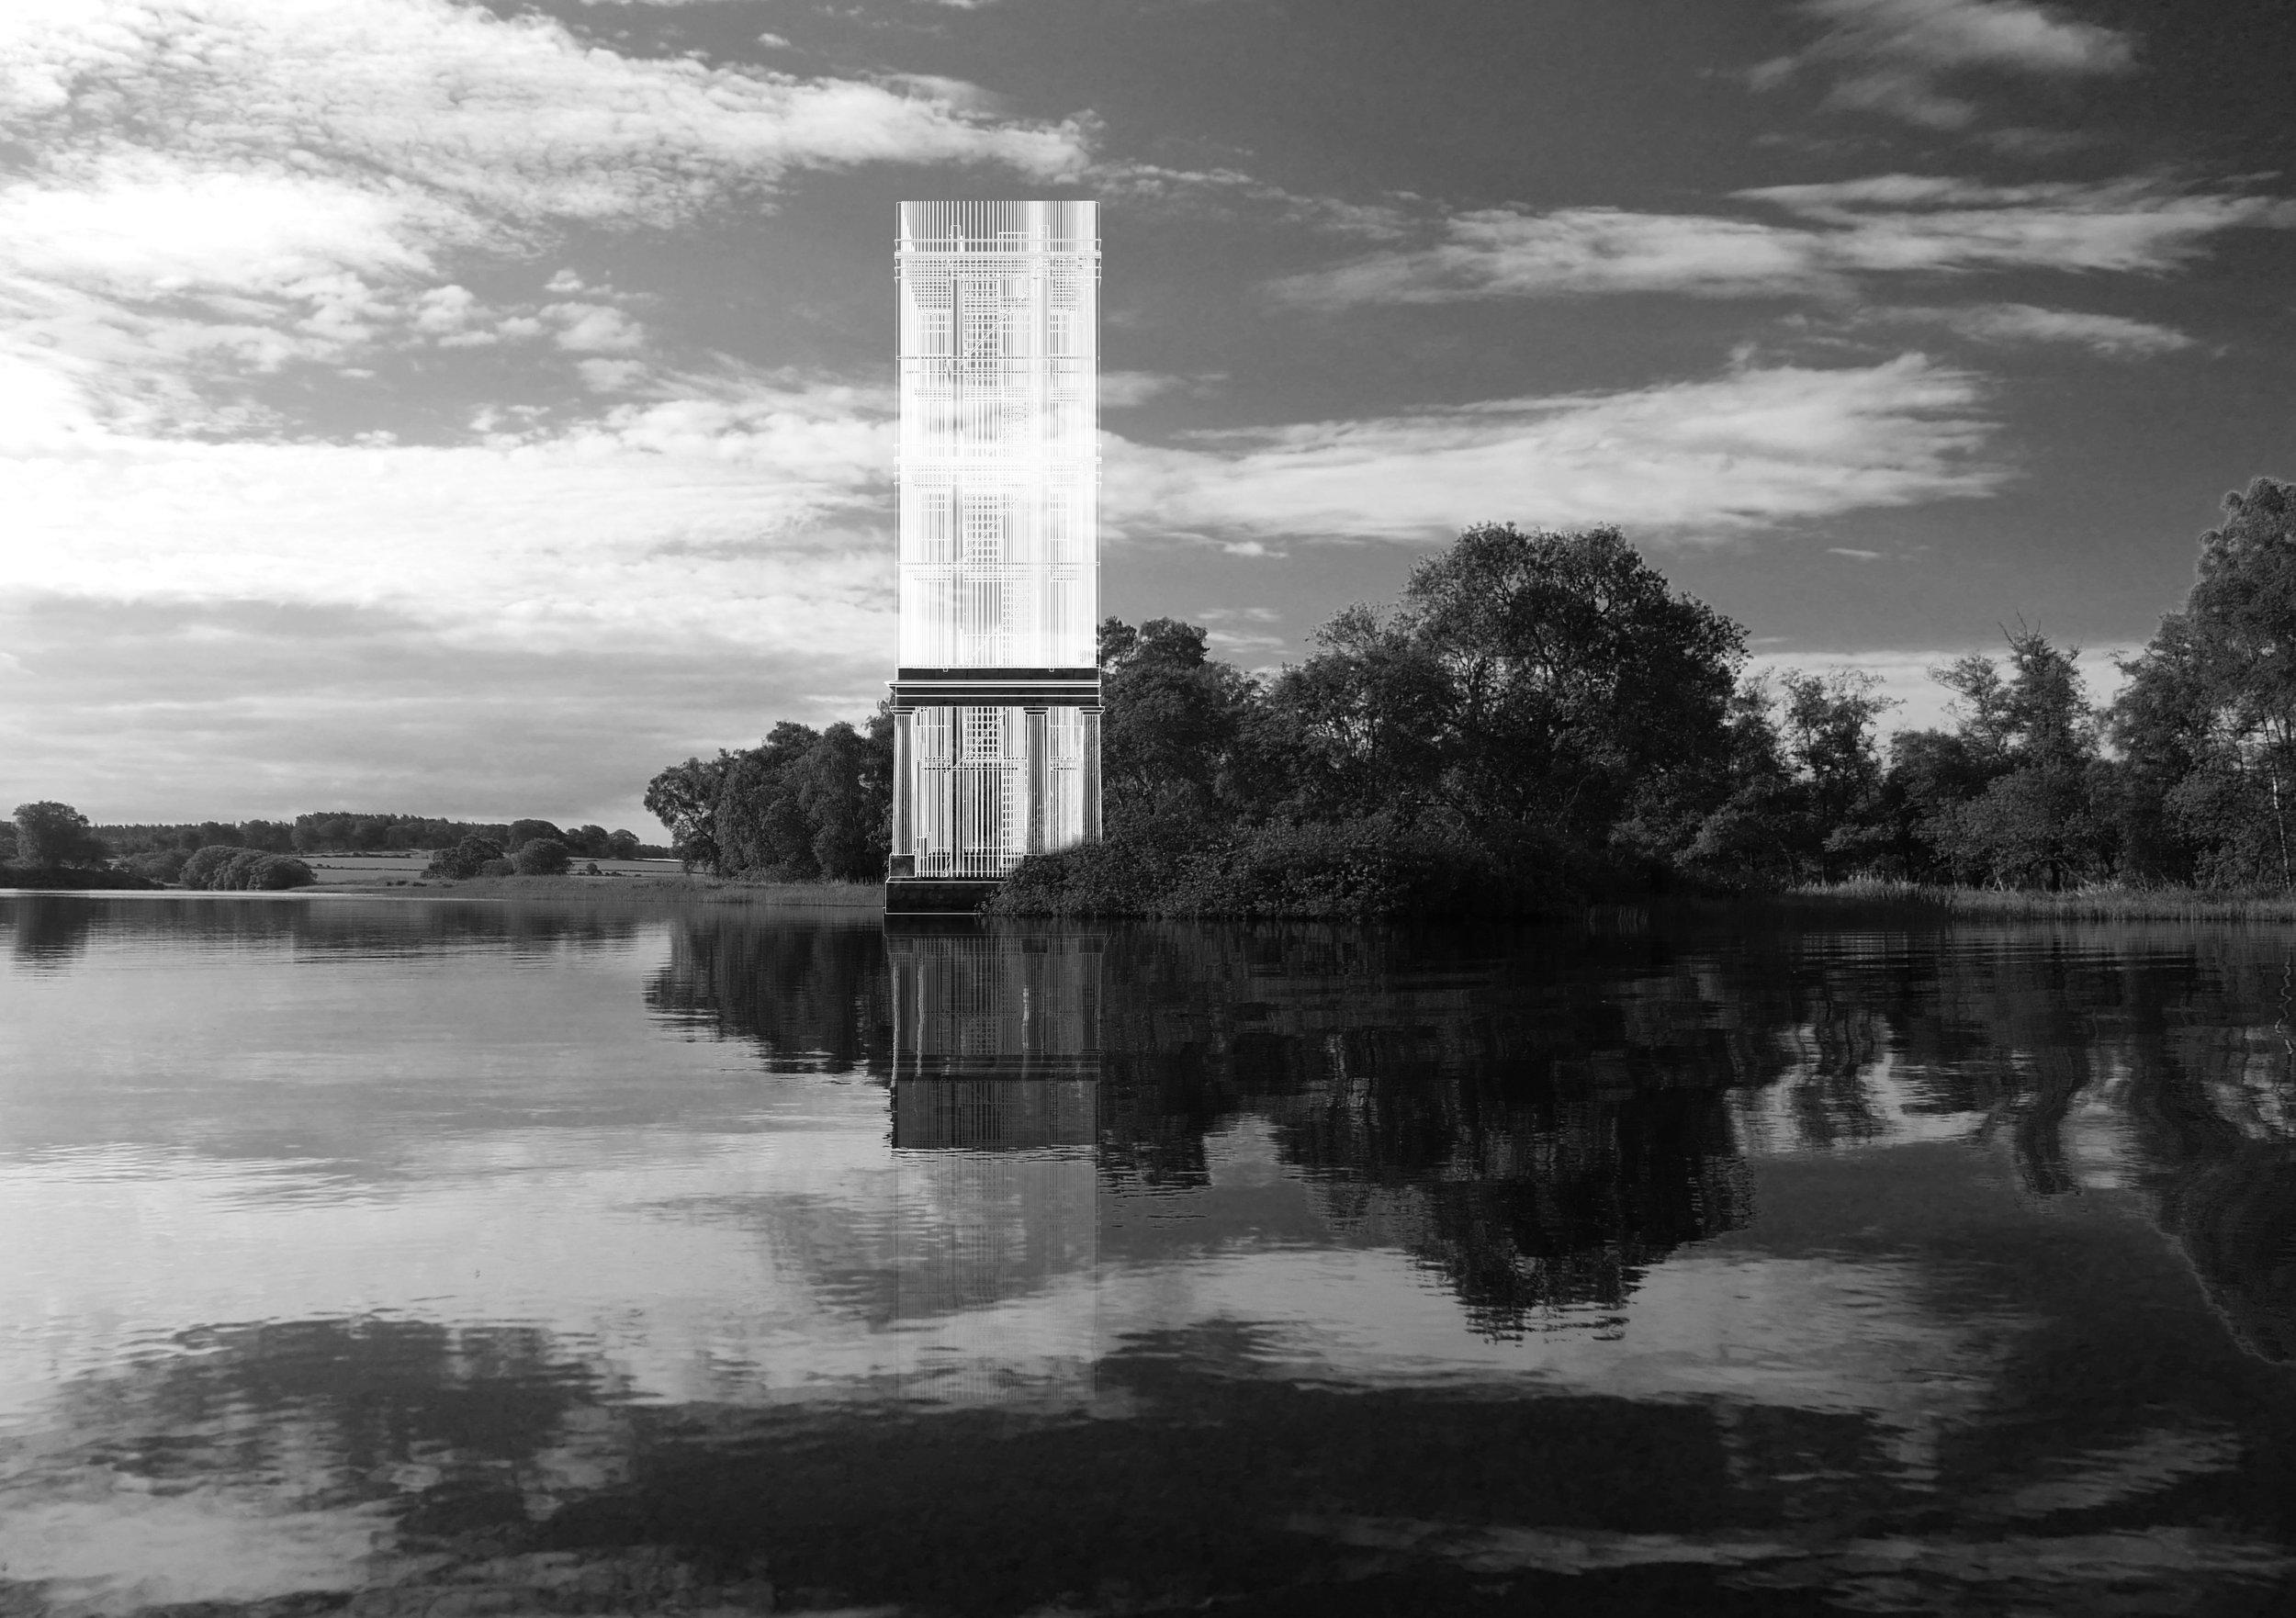 Felix Wilson - Felix-Wilson-TheArchiologist-Tower_III-6-Lines_In_Situe.jpg